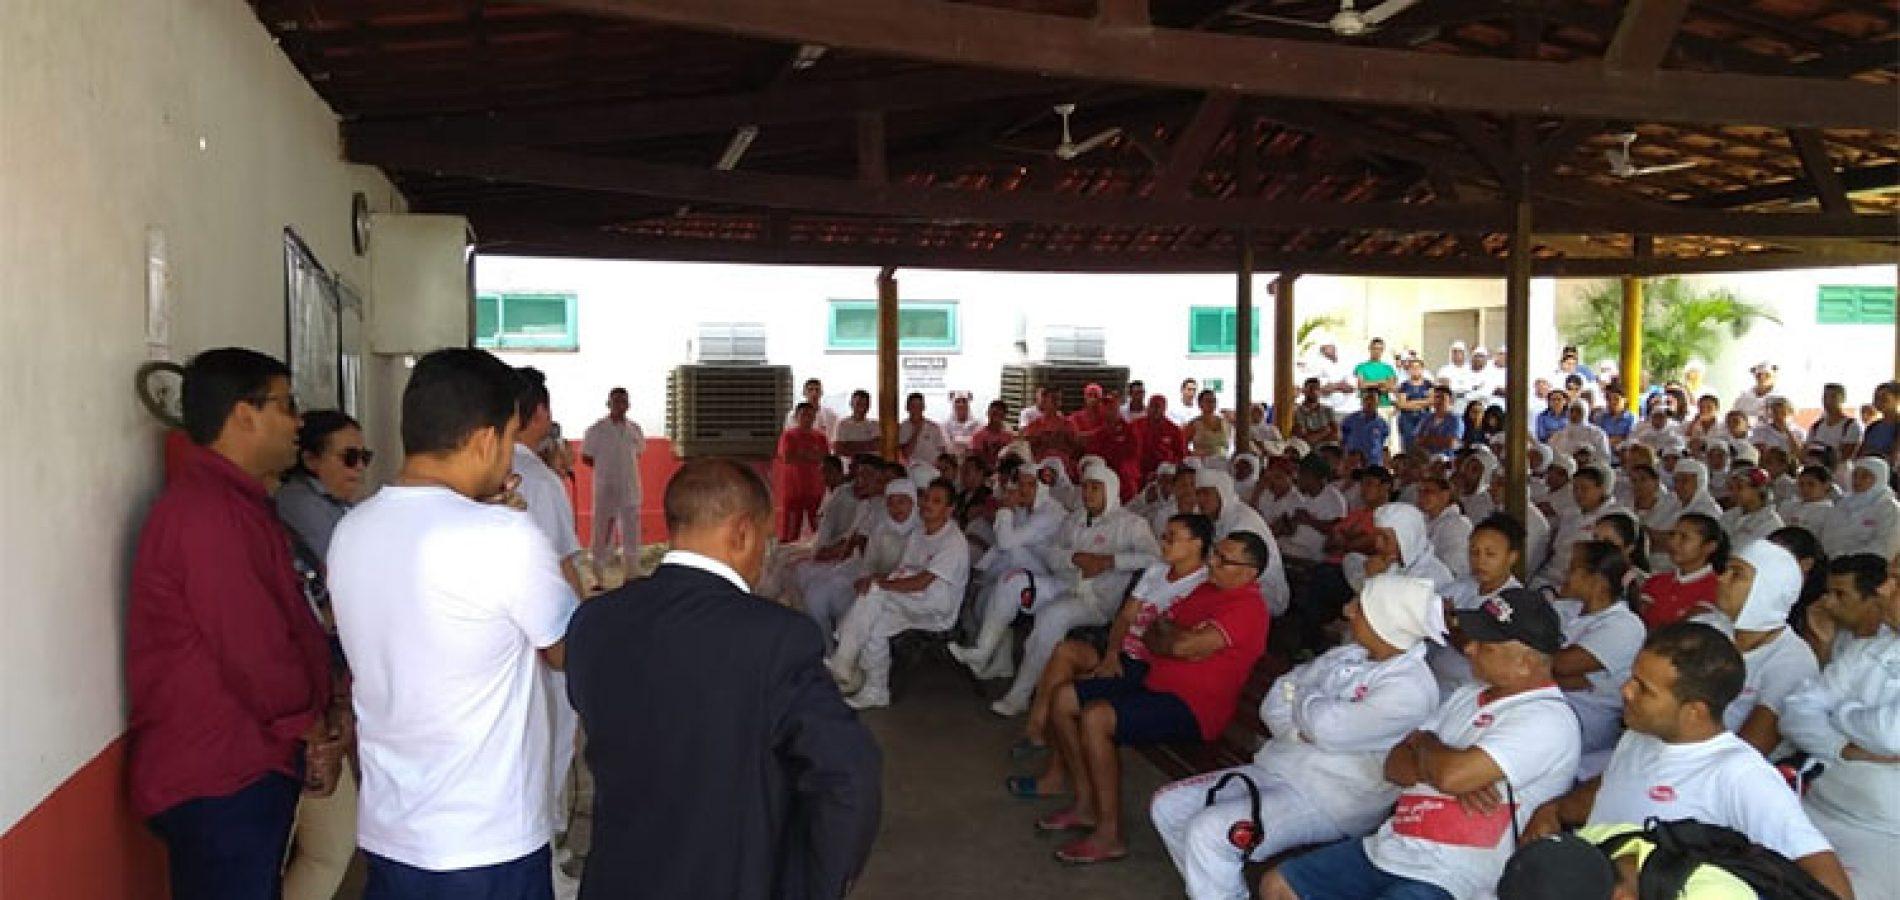 Empresa que abate frangos demite 400 funcionários e fecha unidade no Piauí